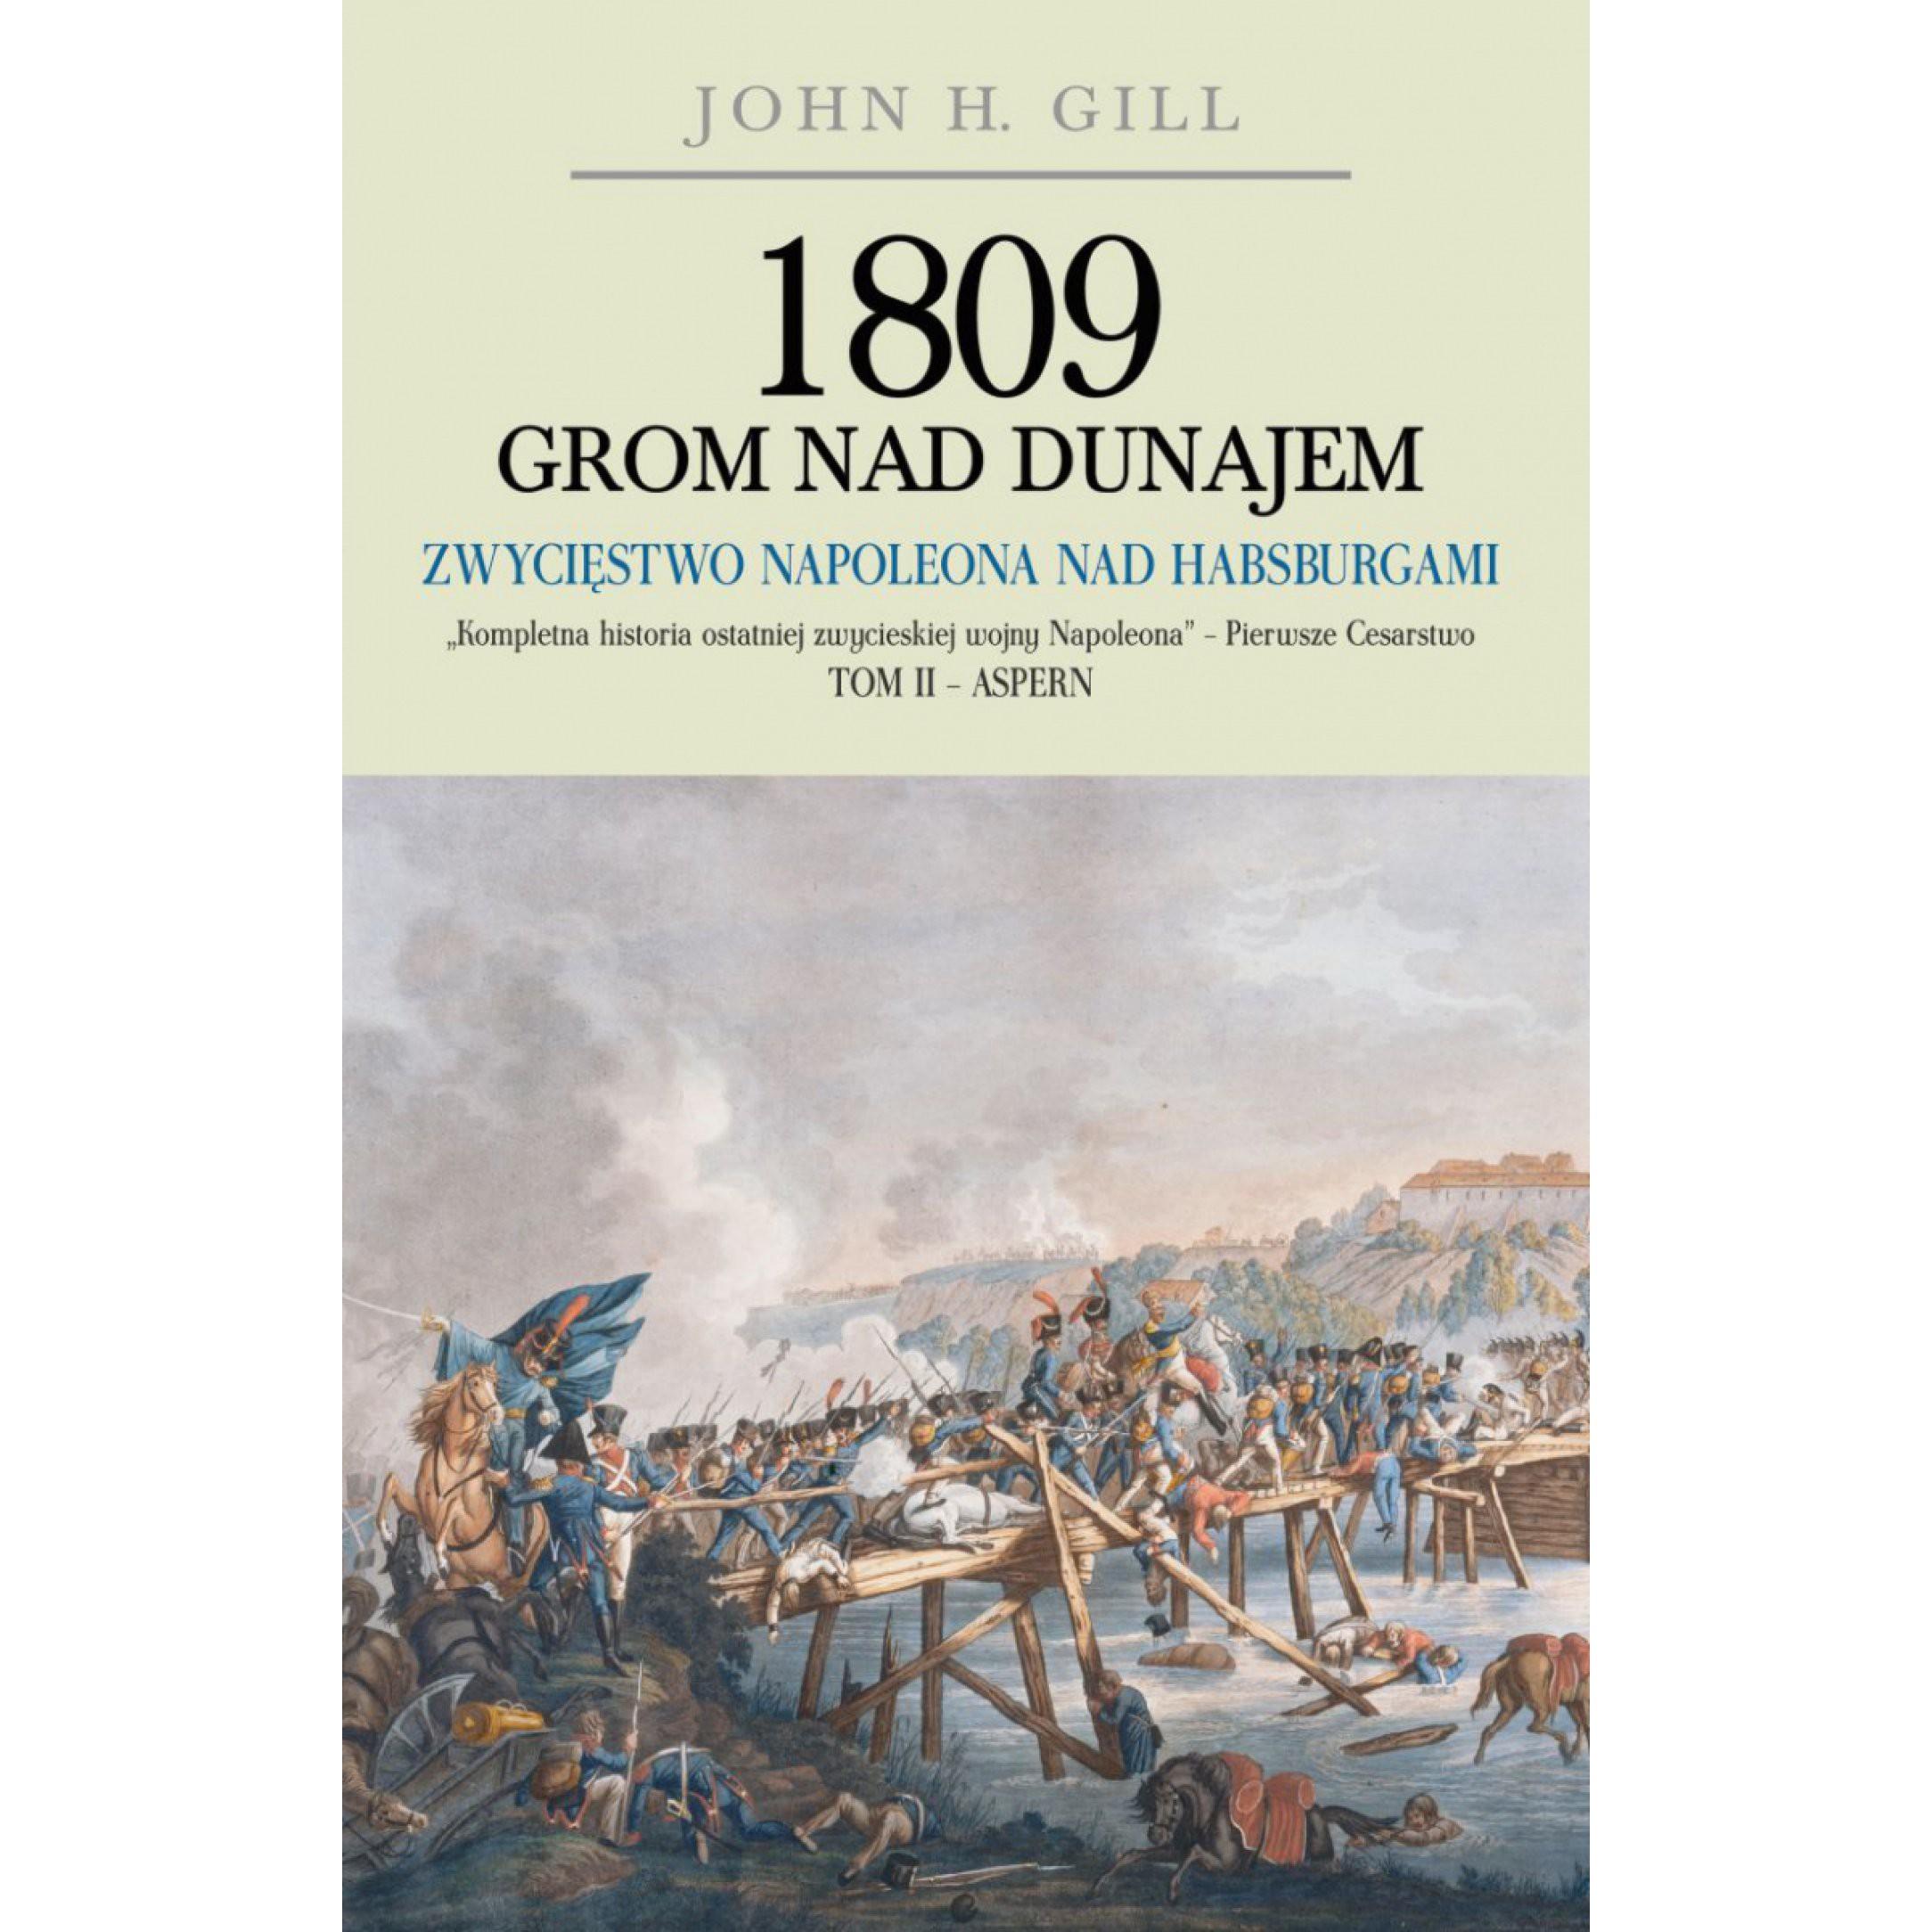 1809 Grom nad Dunajem. Zwycięstwo Napoleona nad Habsburgami. Tom II